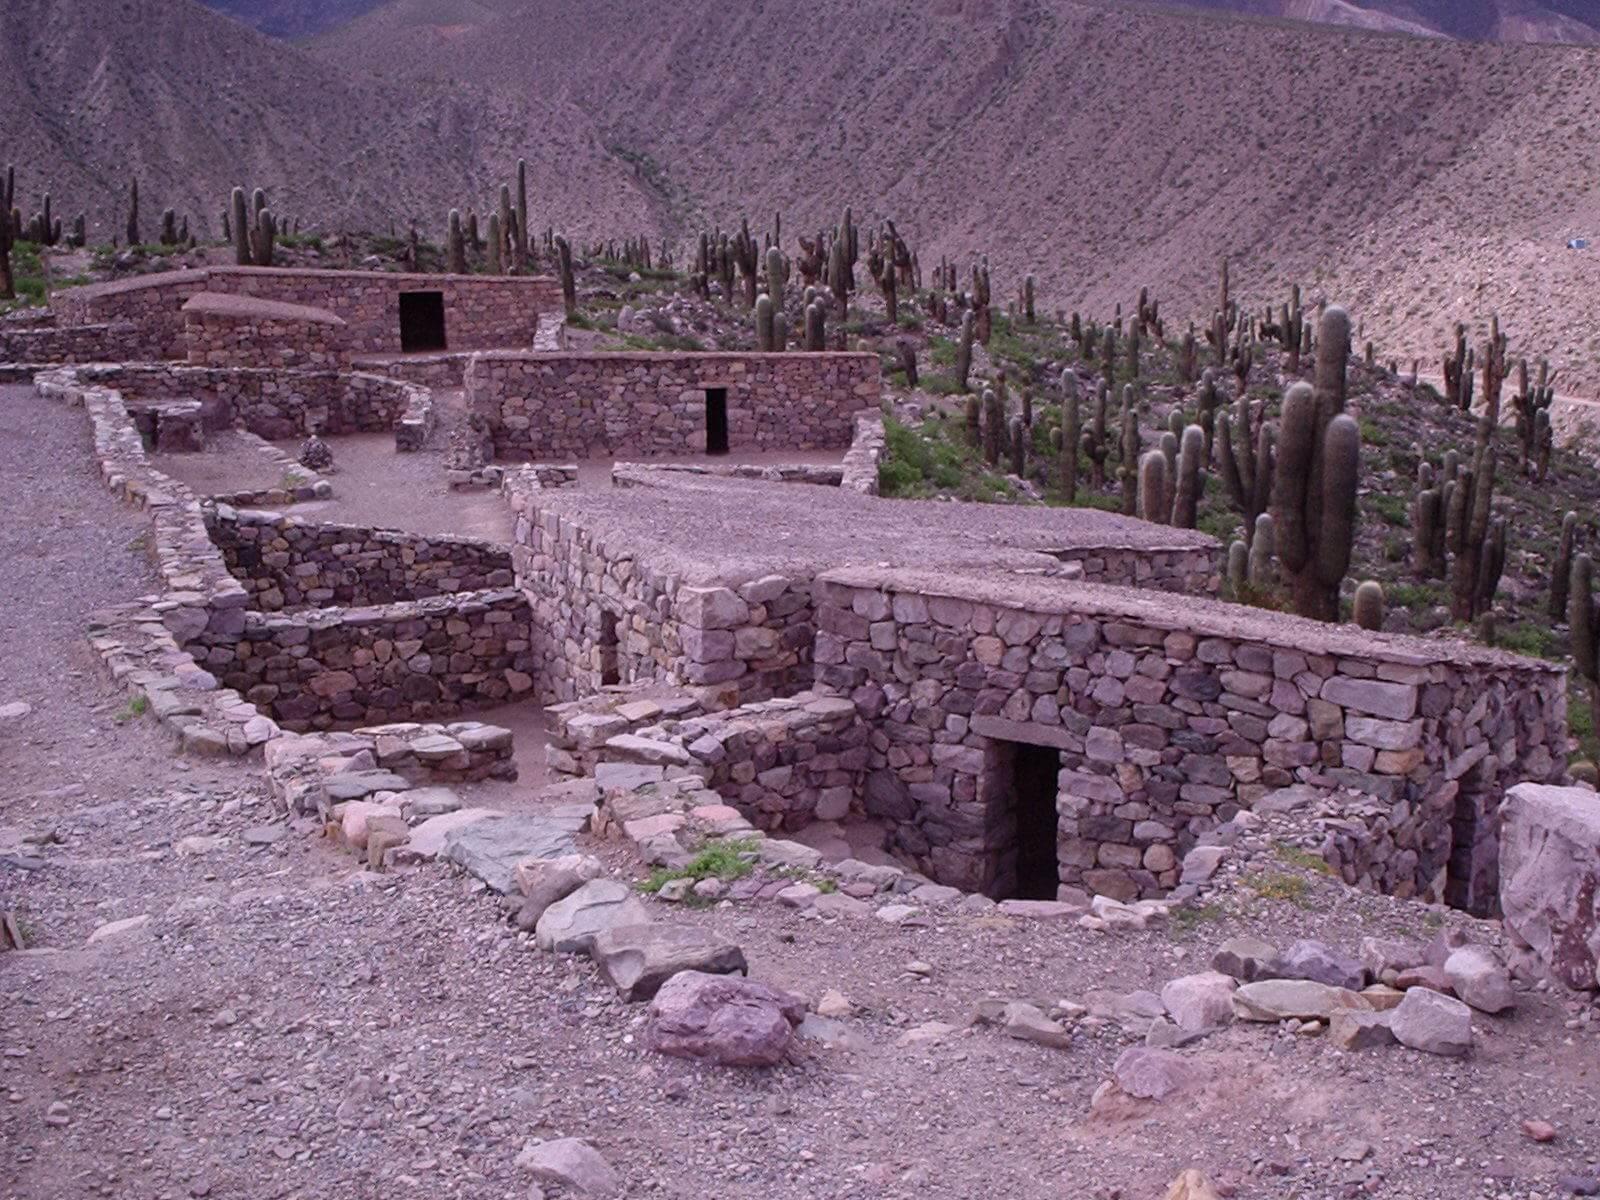 Ruinas de Condorhuasi. Fuente: https://esacademic.com